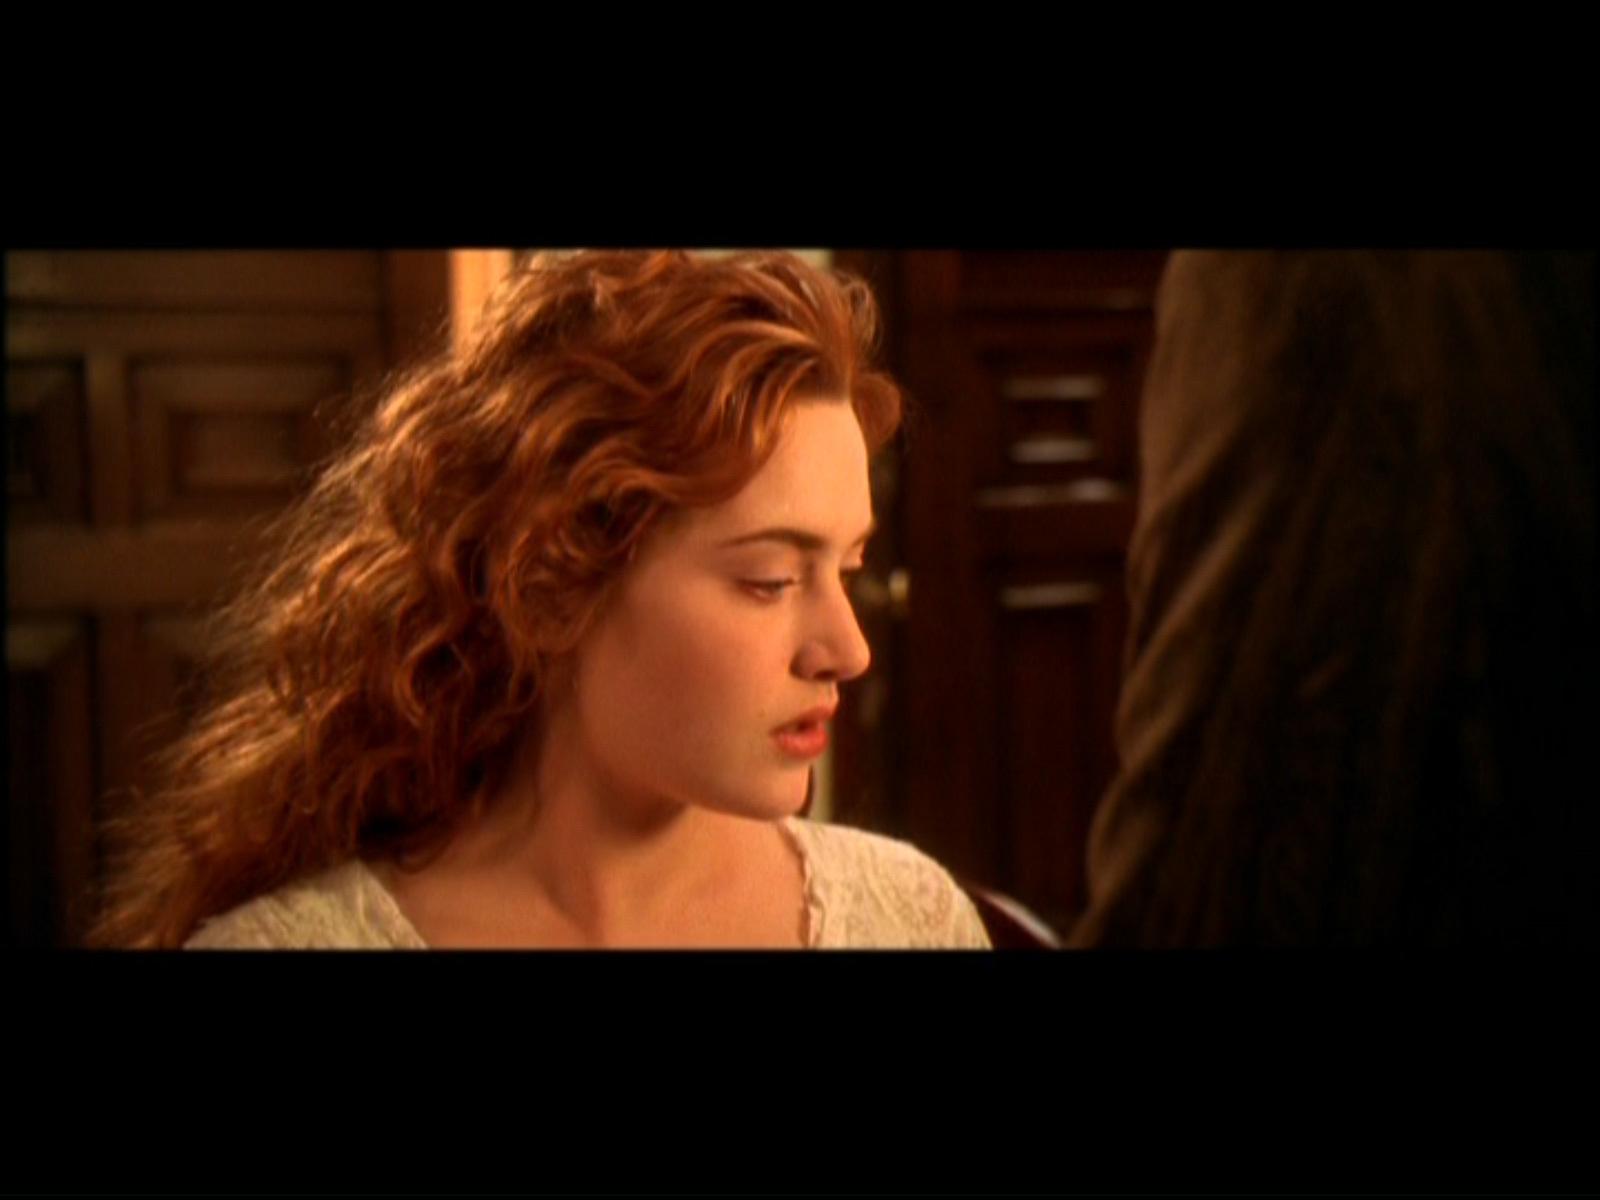 Kate Winslet Titanic Painting Scene Titanic screencap titanic